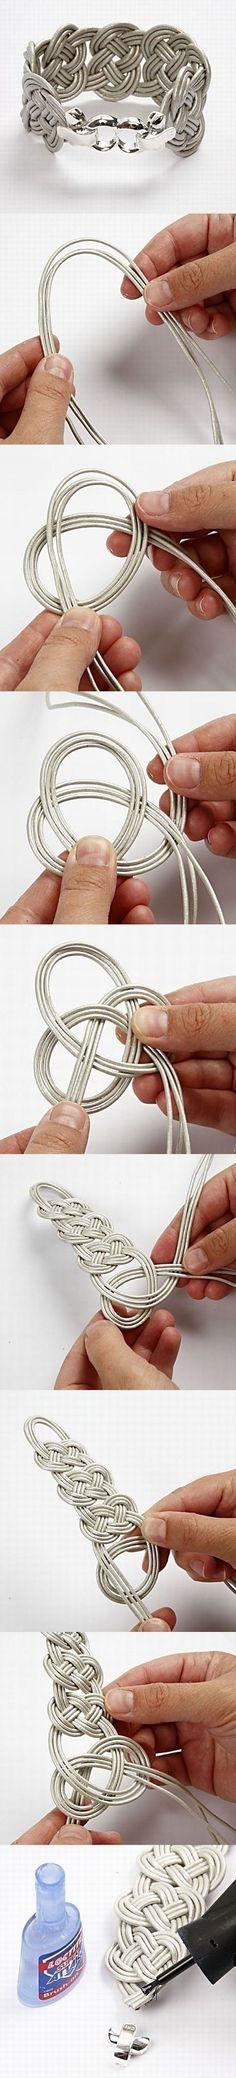 7 super DIY bracelets faciles et sympas                                                                                                                                                                                 More